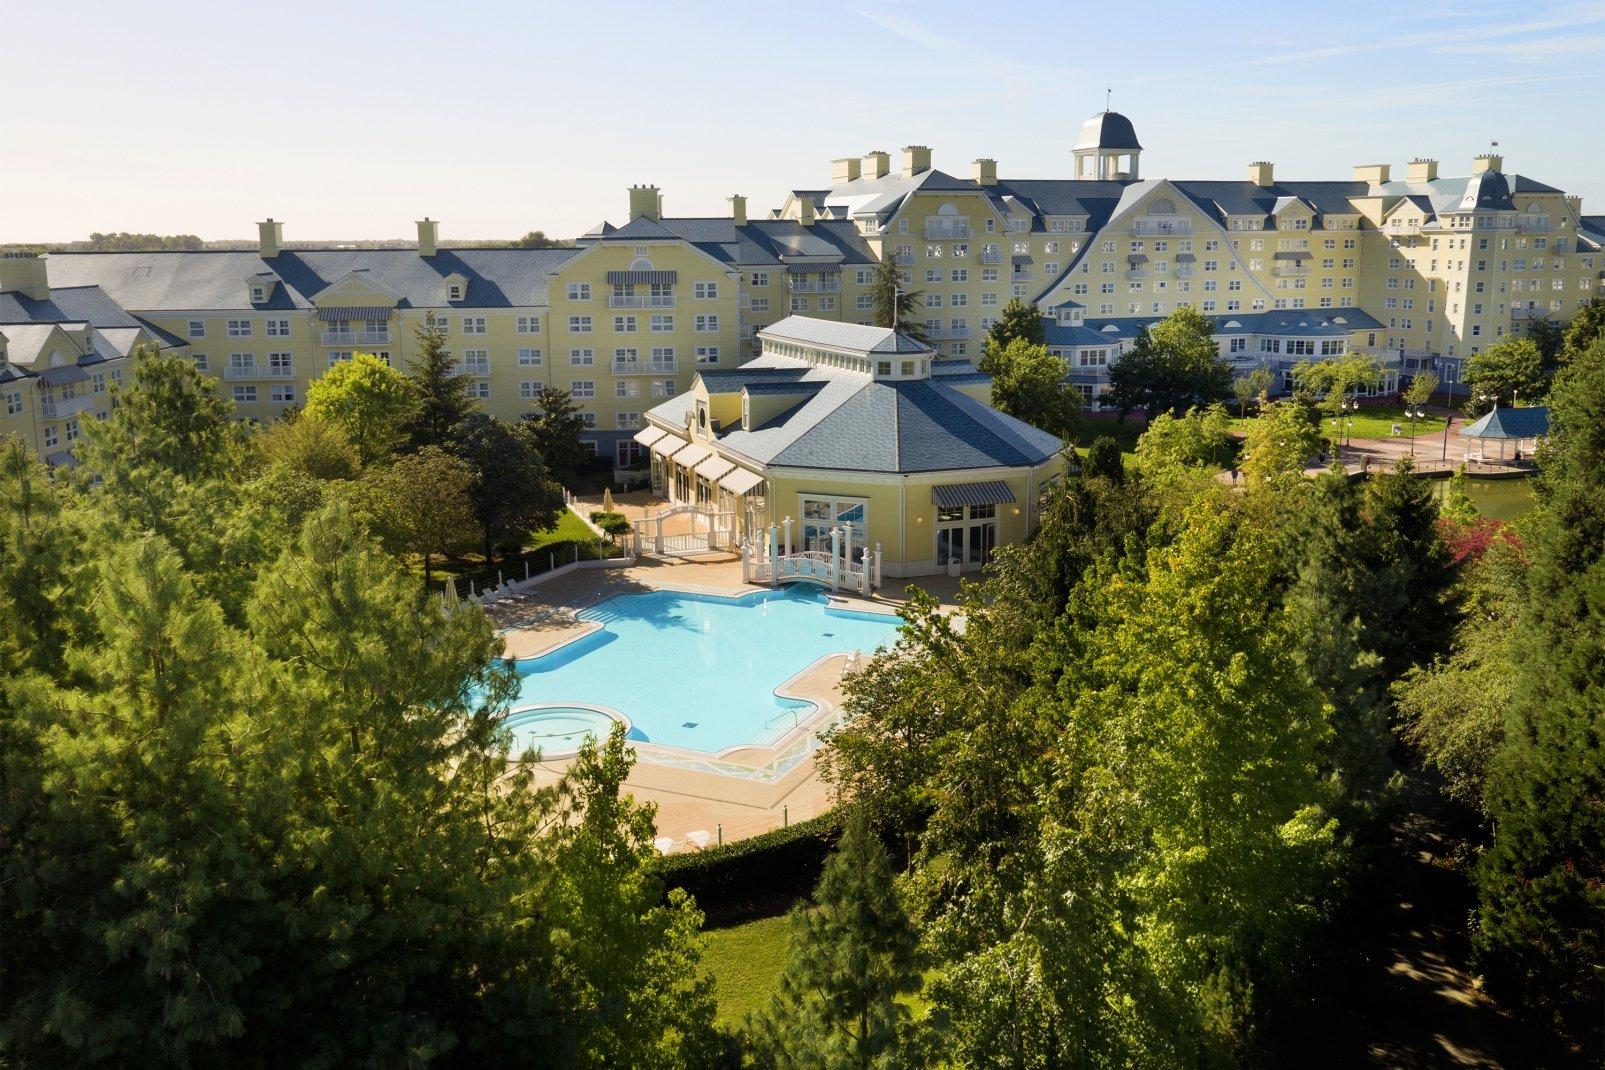 Disney's Newport Bay Club - Jusqu'à -30% sur votre séjour + 100 euros de CARTE CADEAU OFFERTS*! - 1